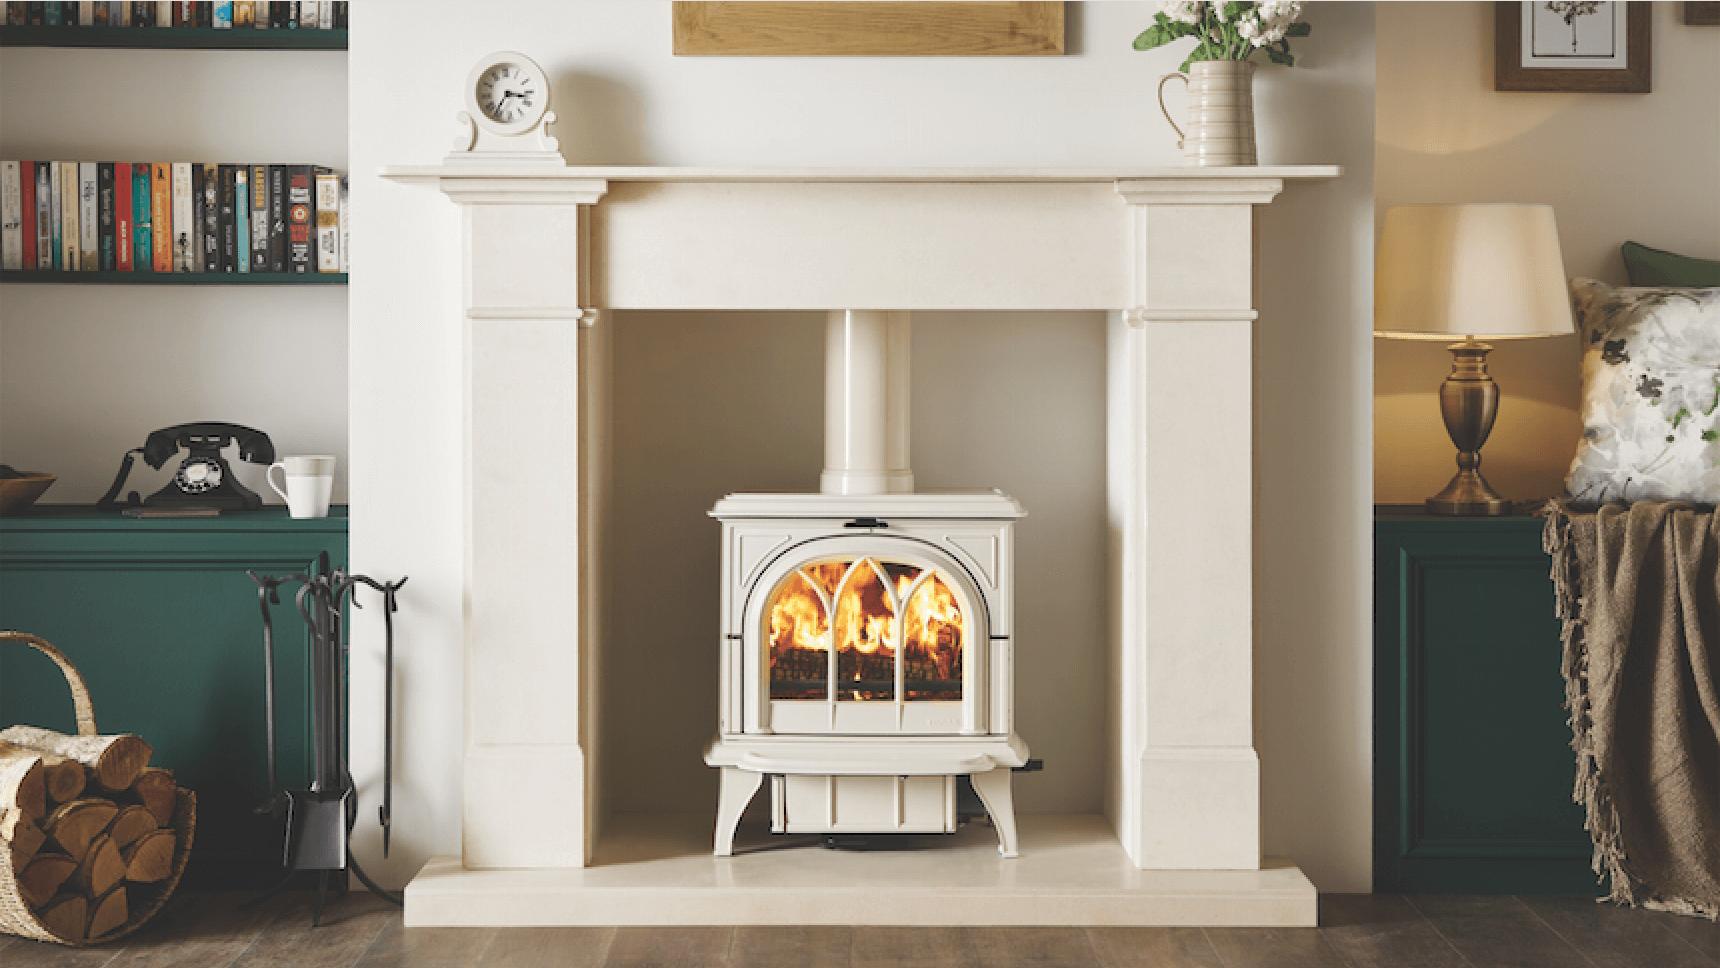 Huntingdon 30 wood burning stove in ivory enamel